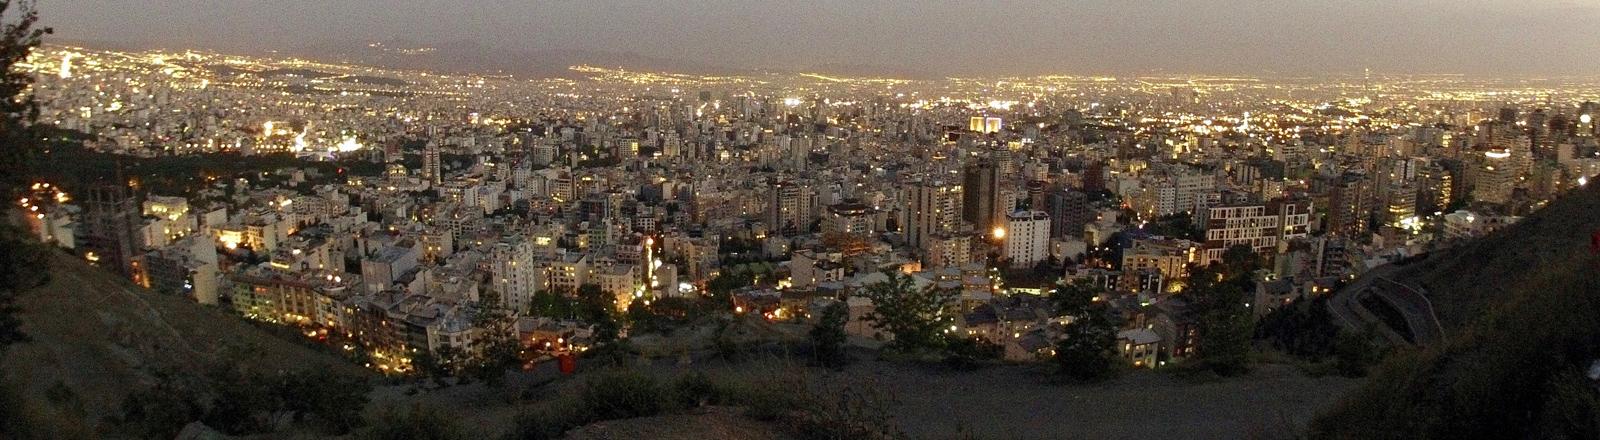 Teheran von Bam-e Tehran gesehen